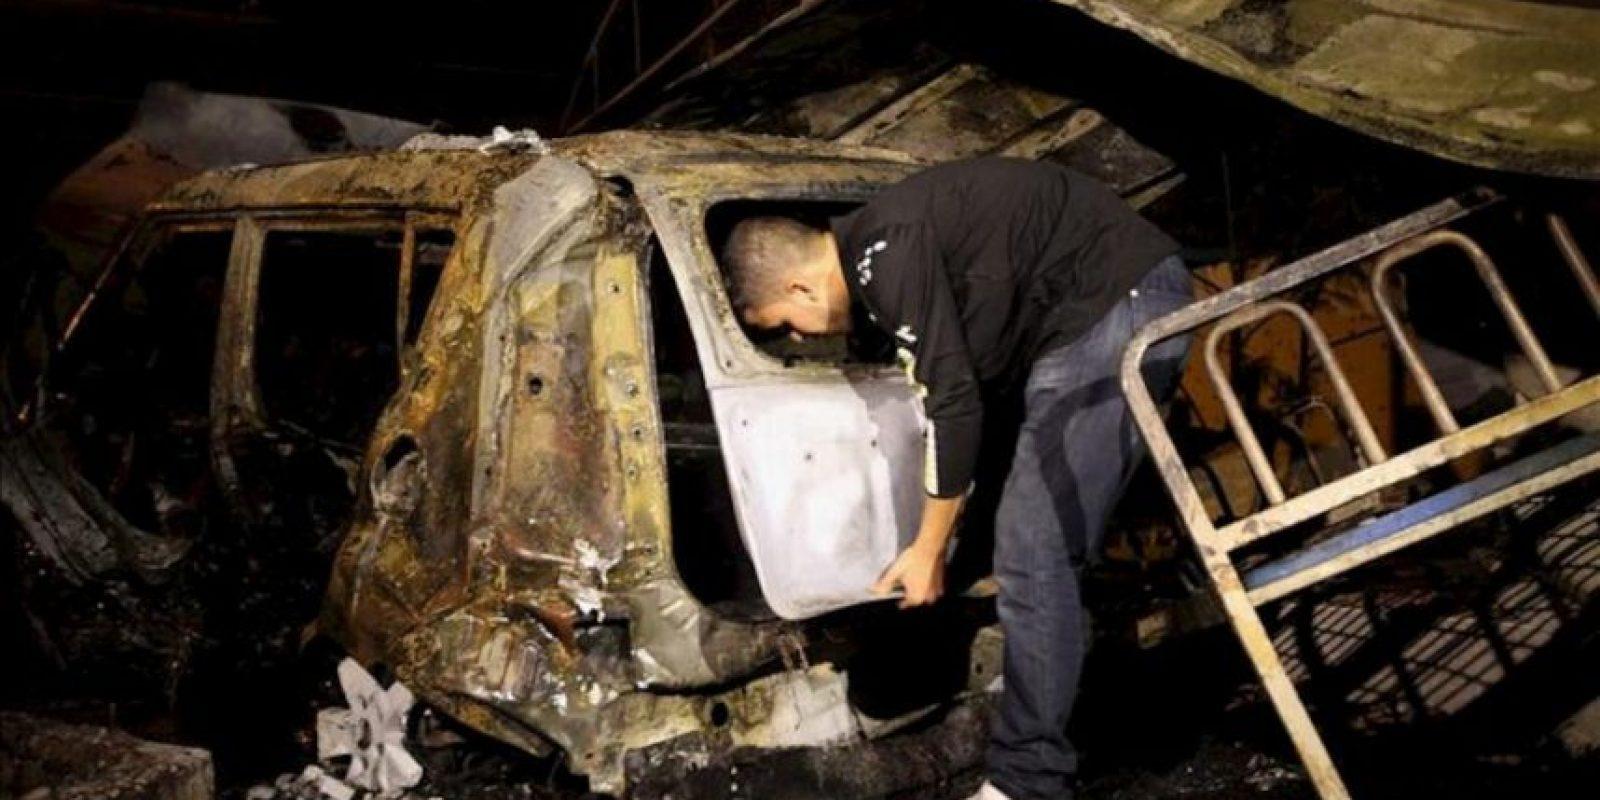 Un palestino revisa hoy, miércoles 20 de junio de 2012, un automóvil destruido luego de un bombardeo israelí en Al Zauton, al este de la Franja de Gaza. EFE